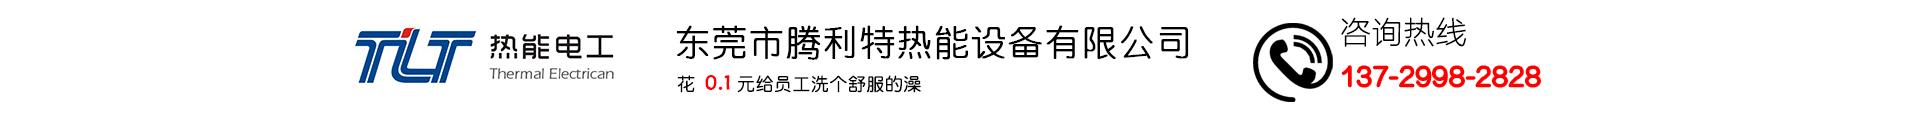 东莞市腾利特热能设备有限公司